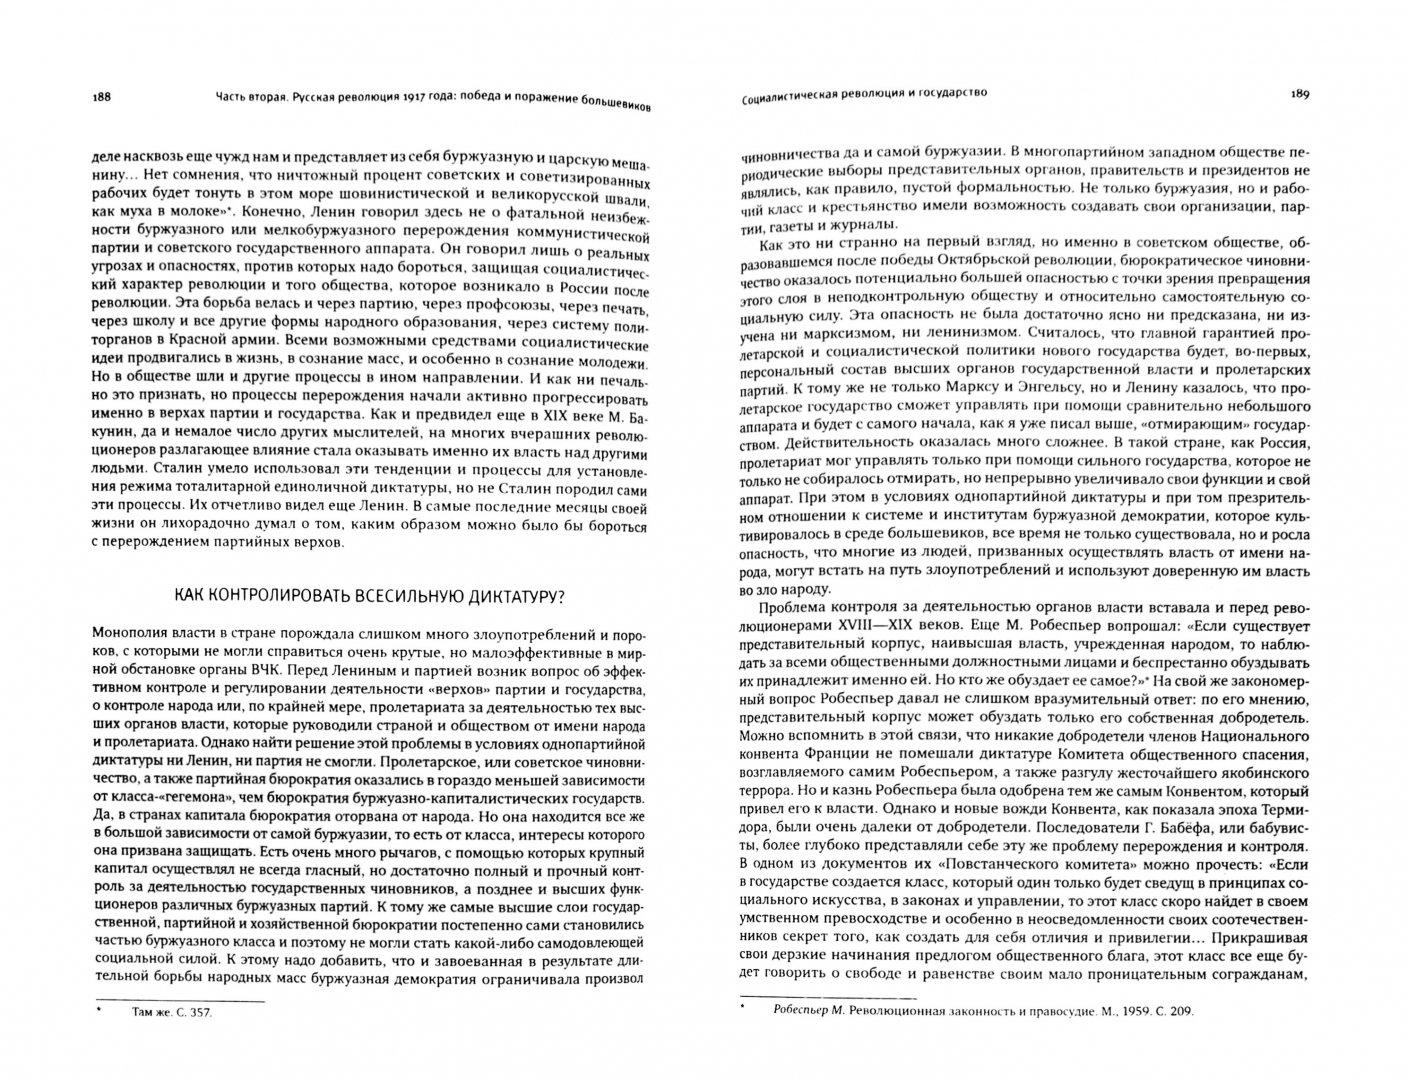 Иллюстрация 1 из 22 для Революция и Гражданская война в России 1917-1922 - Рой Медведев | Лабиринт - книги. Источник: Лабиринт